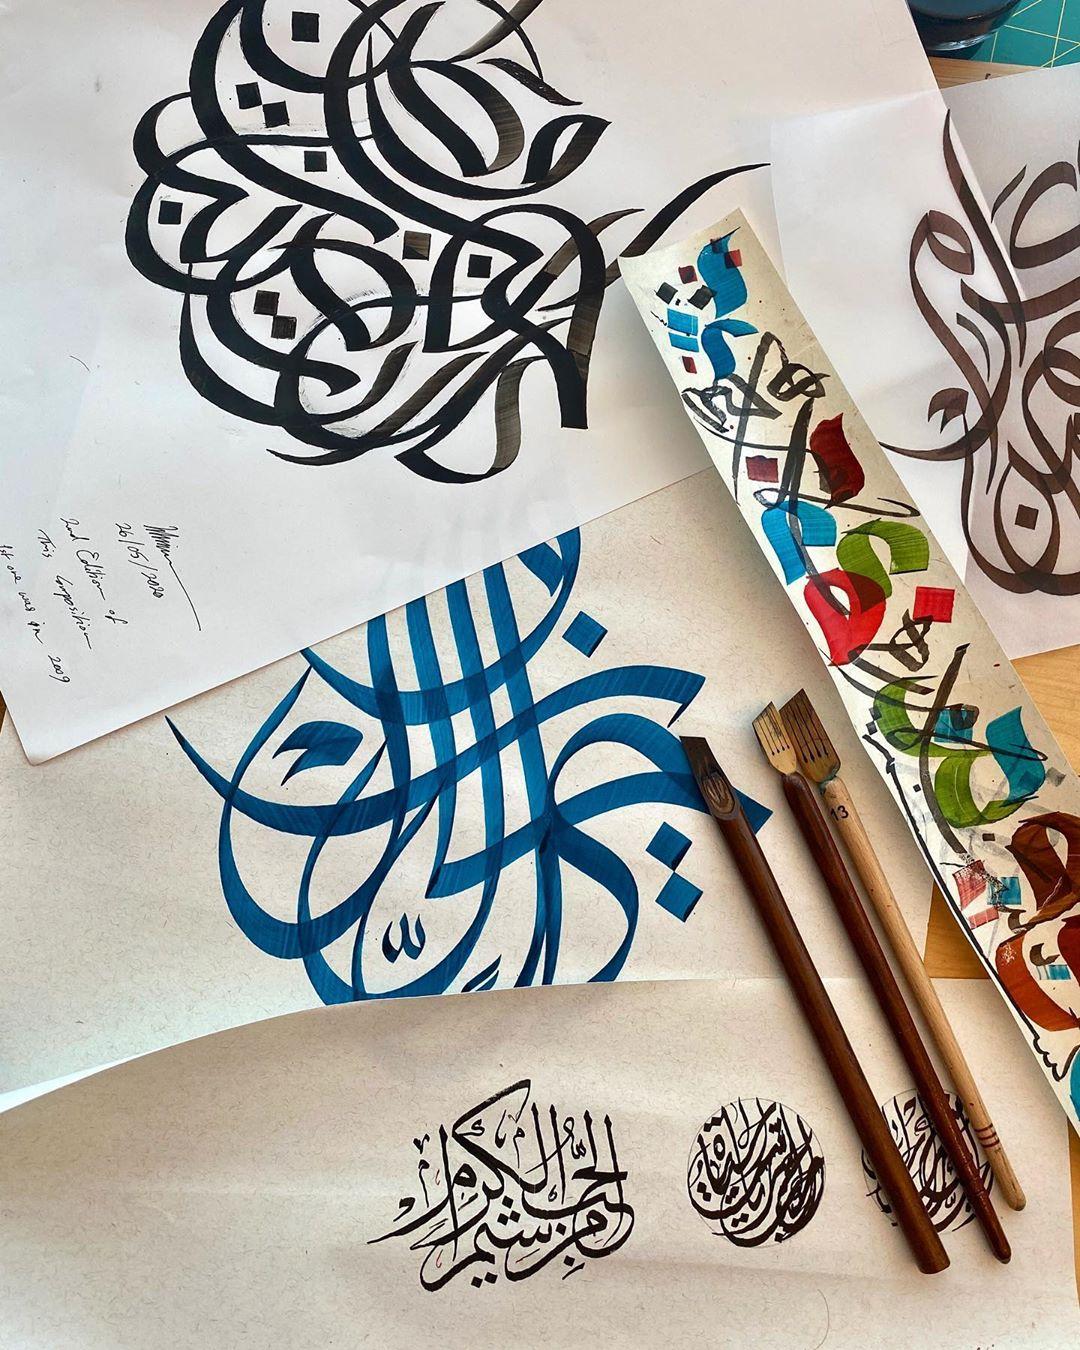 Download Kaligrafi Karya Kaligrafer Kristen بعض التصاميم والتراكيب الجديدة، واعادة لتركيب سابق وتجربة لبعض الوان الحبر.New s…-Wissam